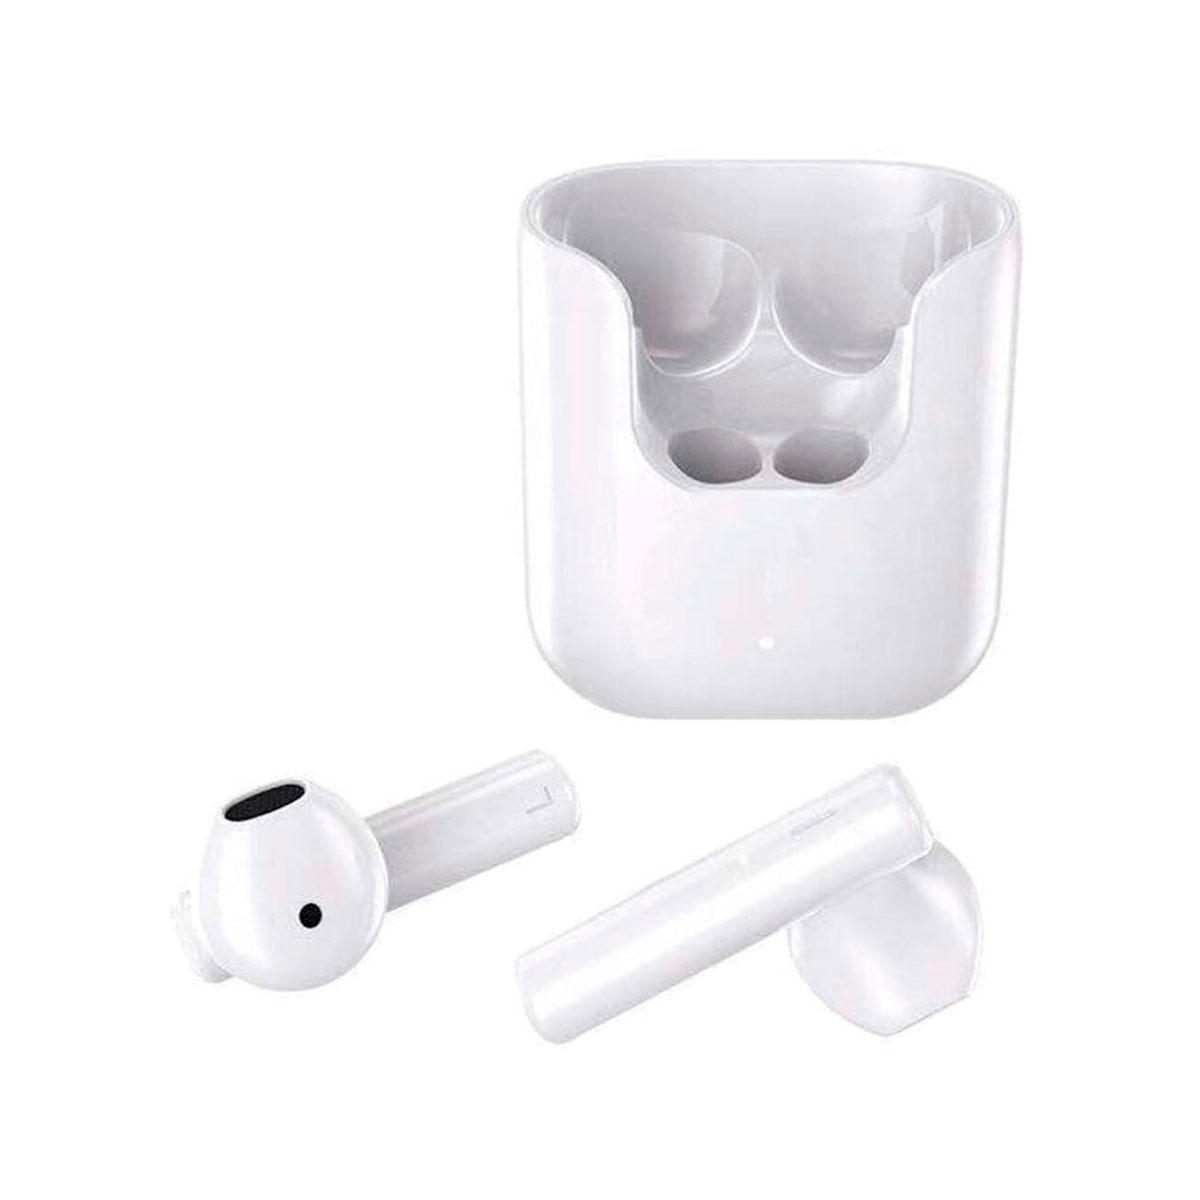 Fone Sem Fio QCY T12 TWS Bluetooth V5.1 com Case Carregador e Controle por Toque